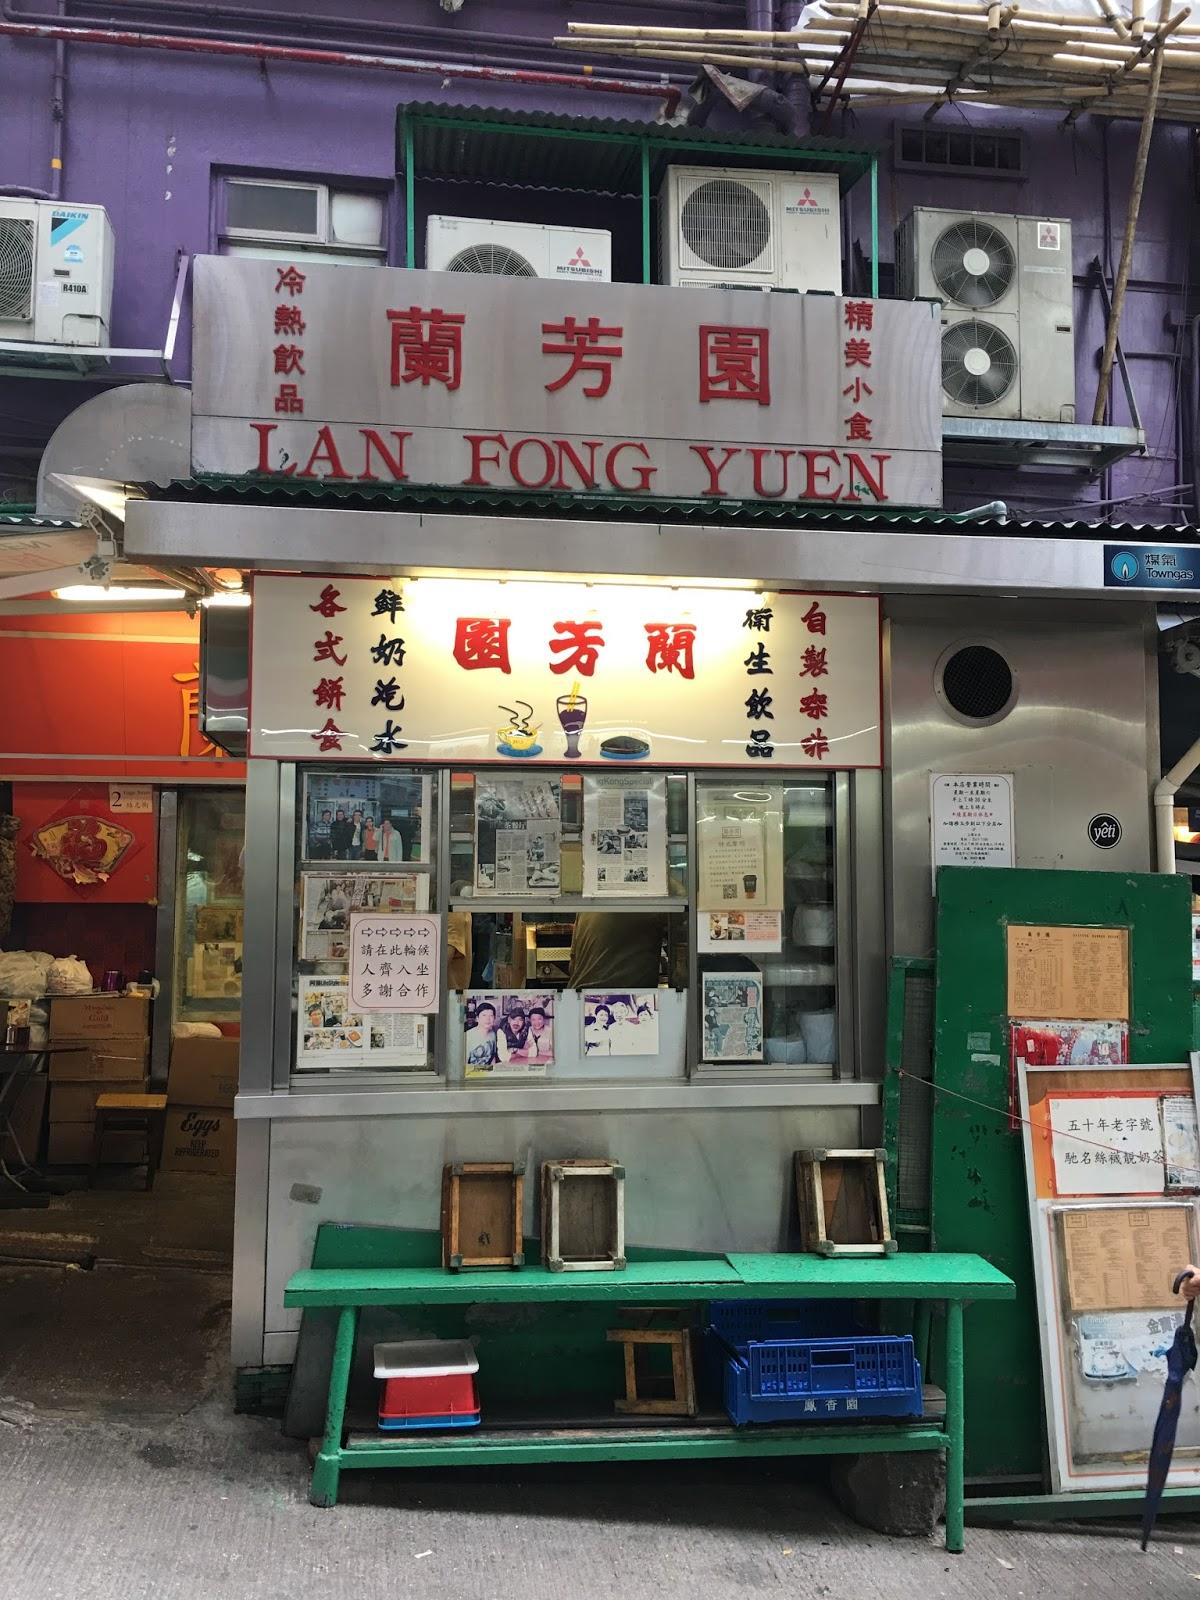 lan fong yuen milk tea